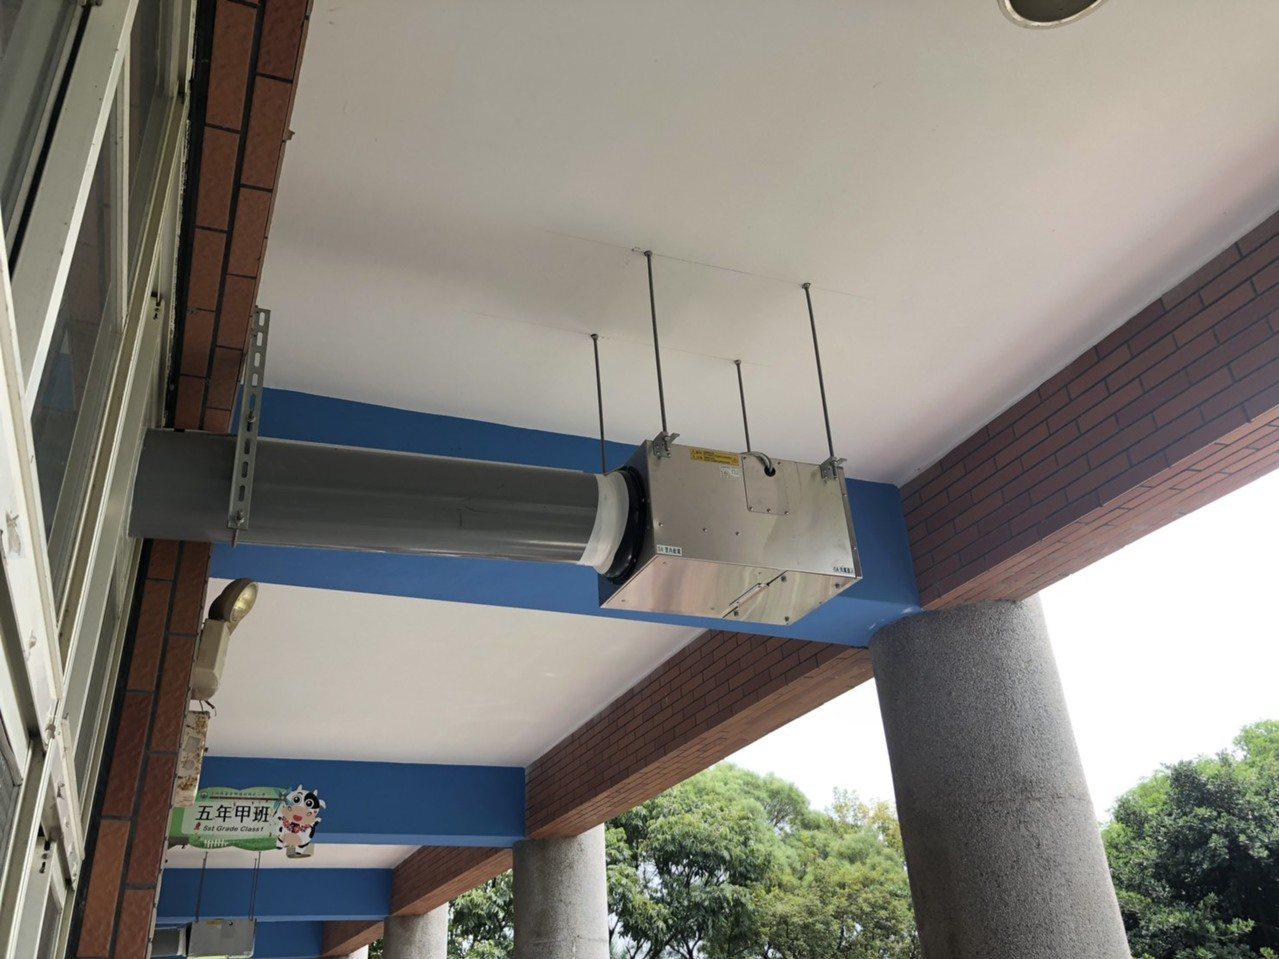 雲林麥寮、崙背、二崙3鄉鎮22所小學,獲得中央補助設置新風系統,改善空氣汙染問題...